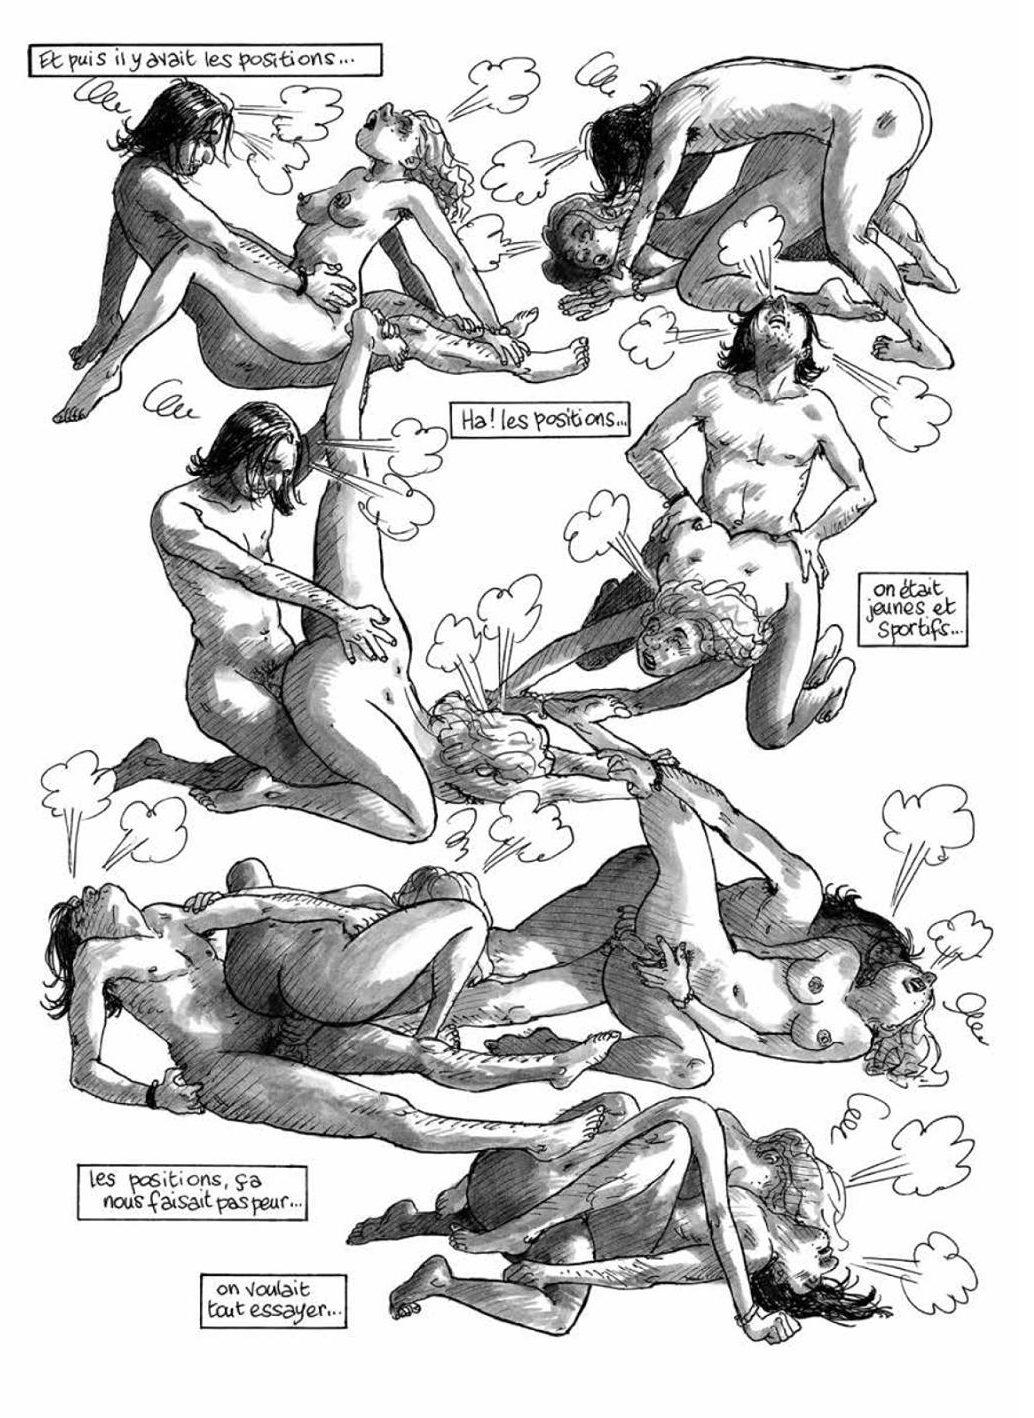 manga sexe sexe position